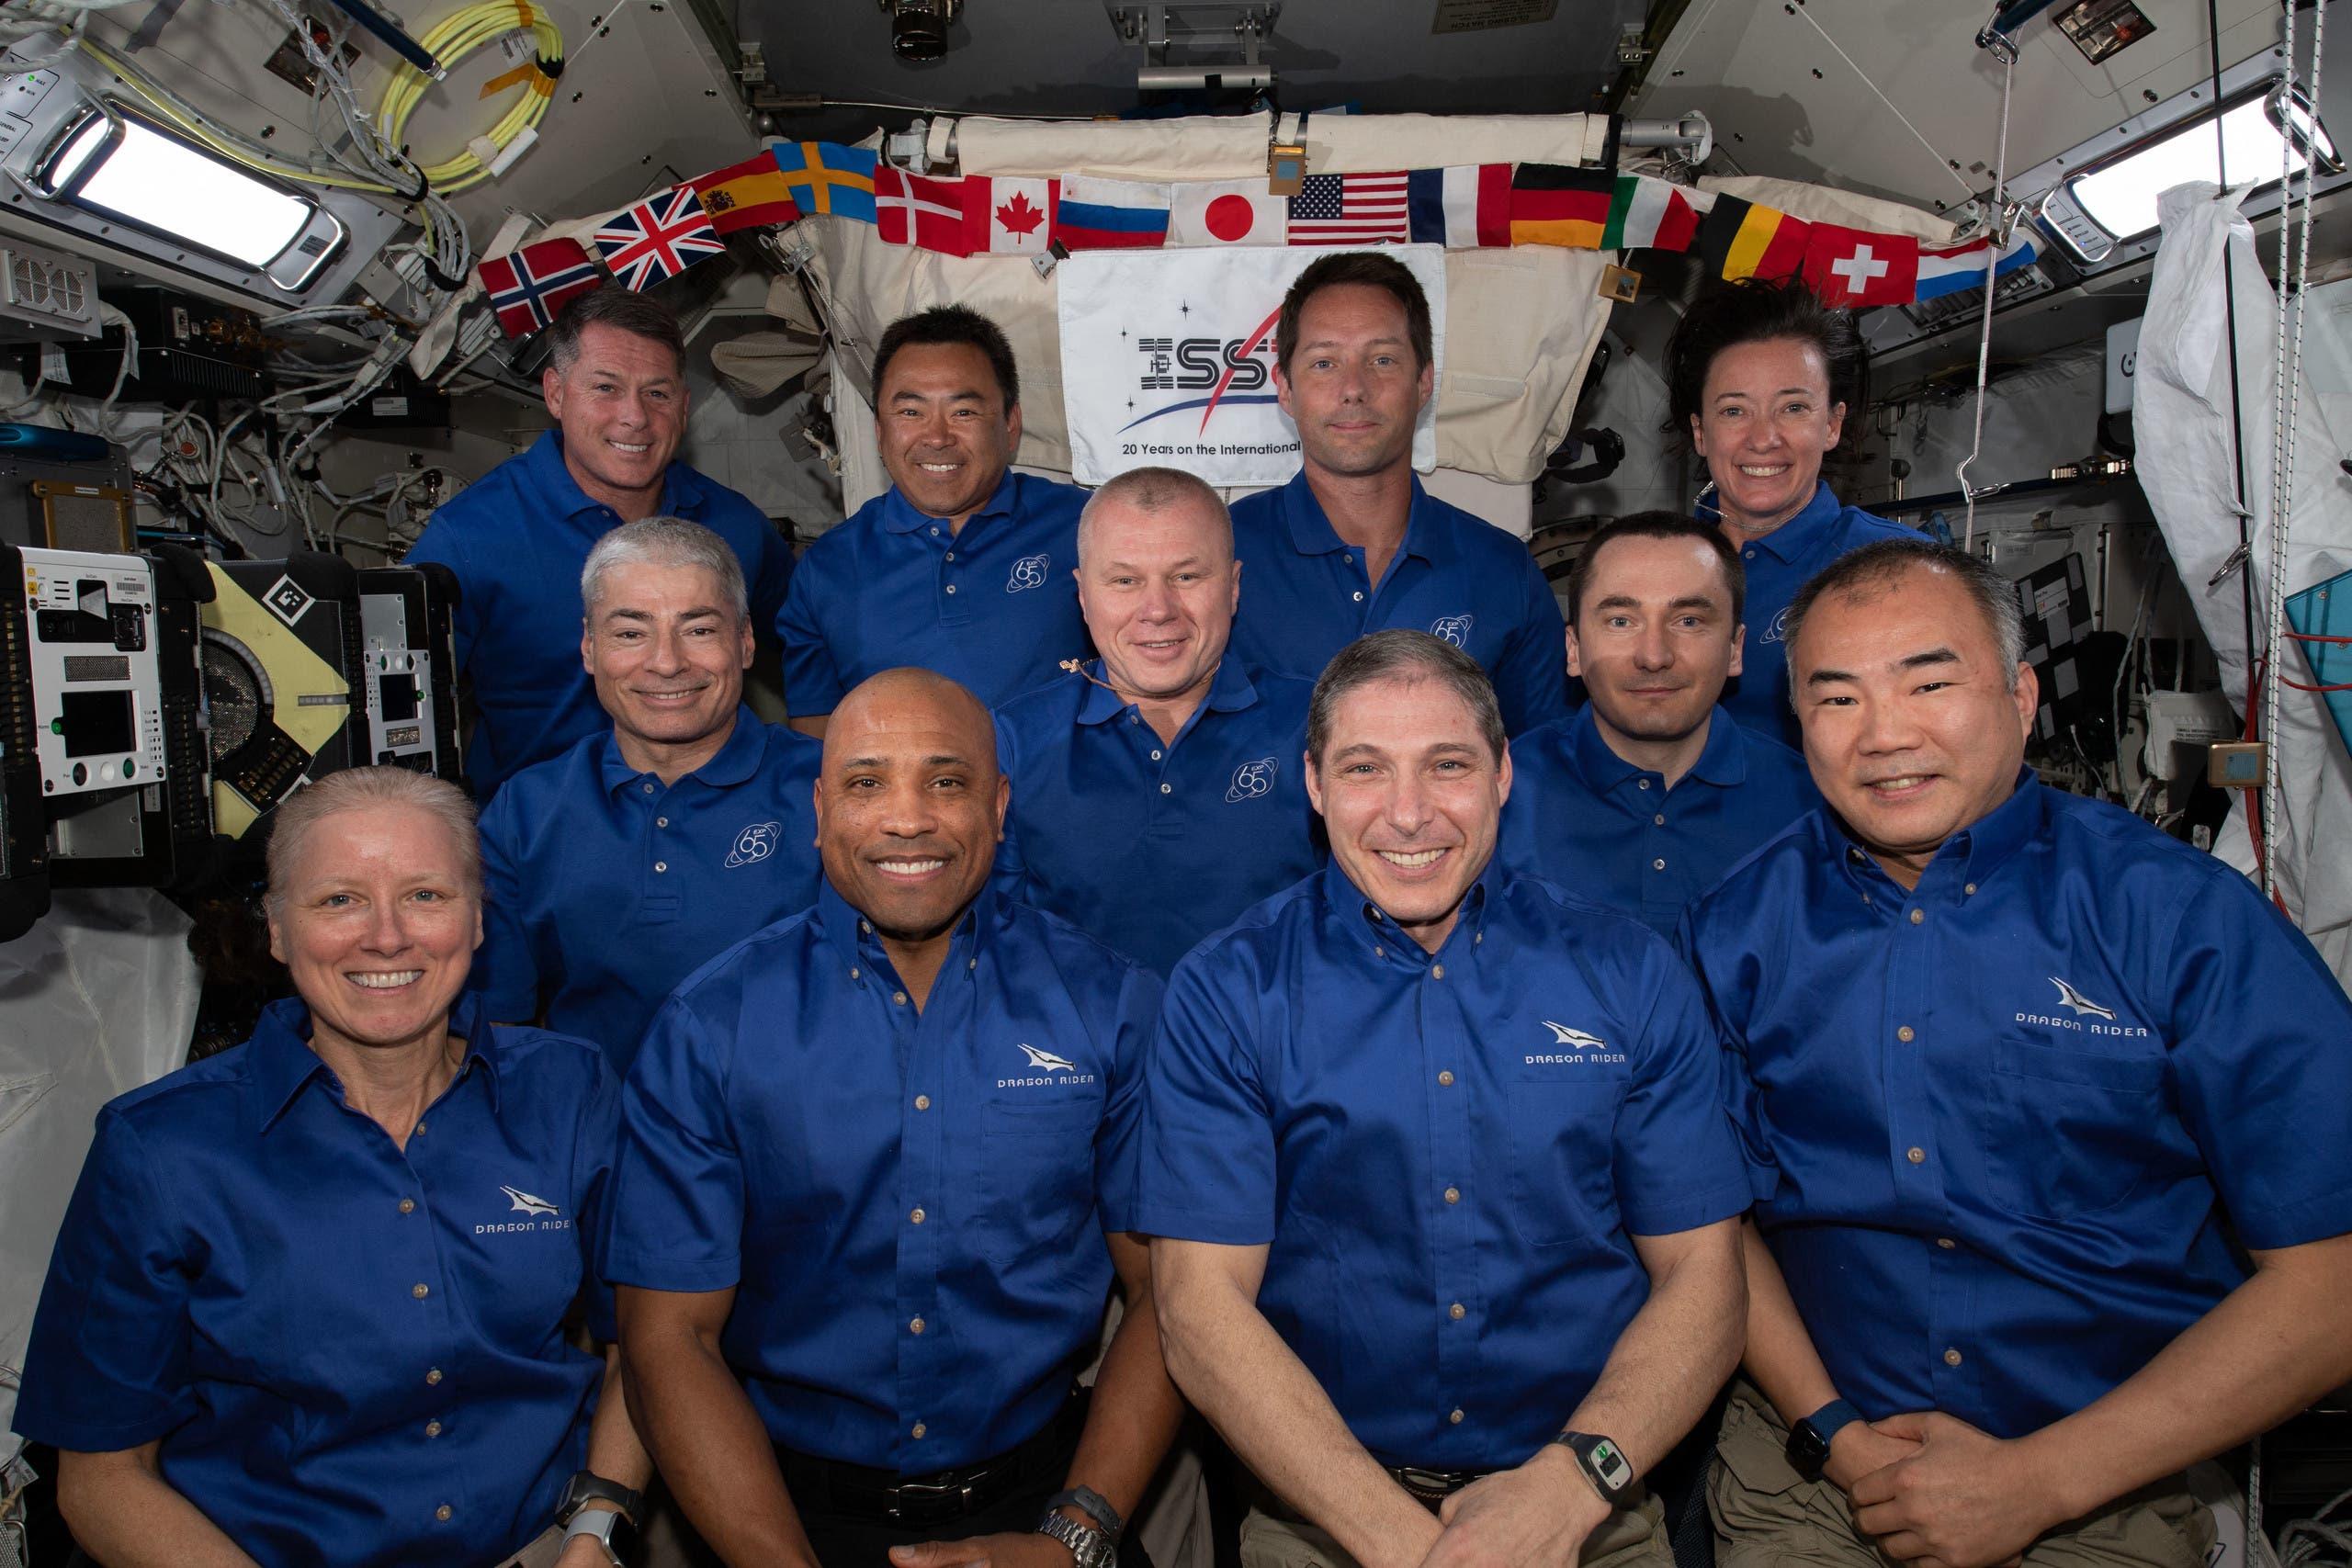 فاندي هاي ضمن طاقم محطة الفضاء الدولية الحالي